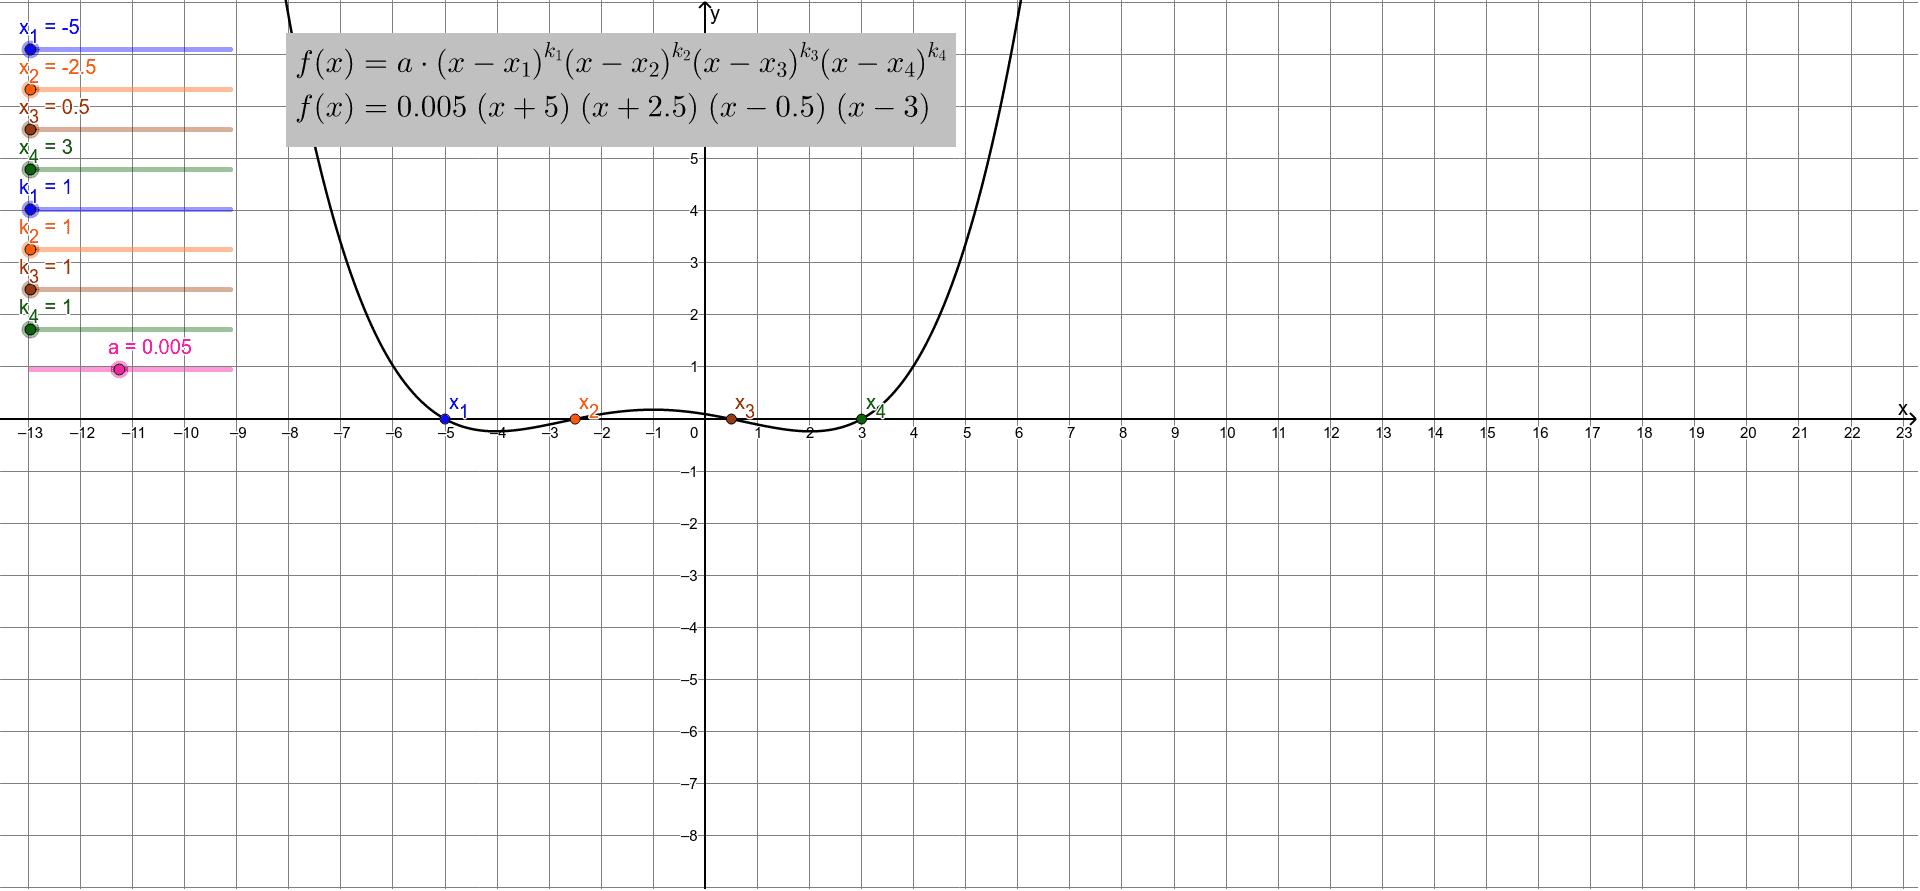 Tipp: Stelle den Öffnungsfaktor a passend ein um den Graph in y-Richtung zu strecken oder zu stauchen. Drücke die Eingabetaste um die Aktivität zu starten